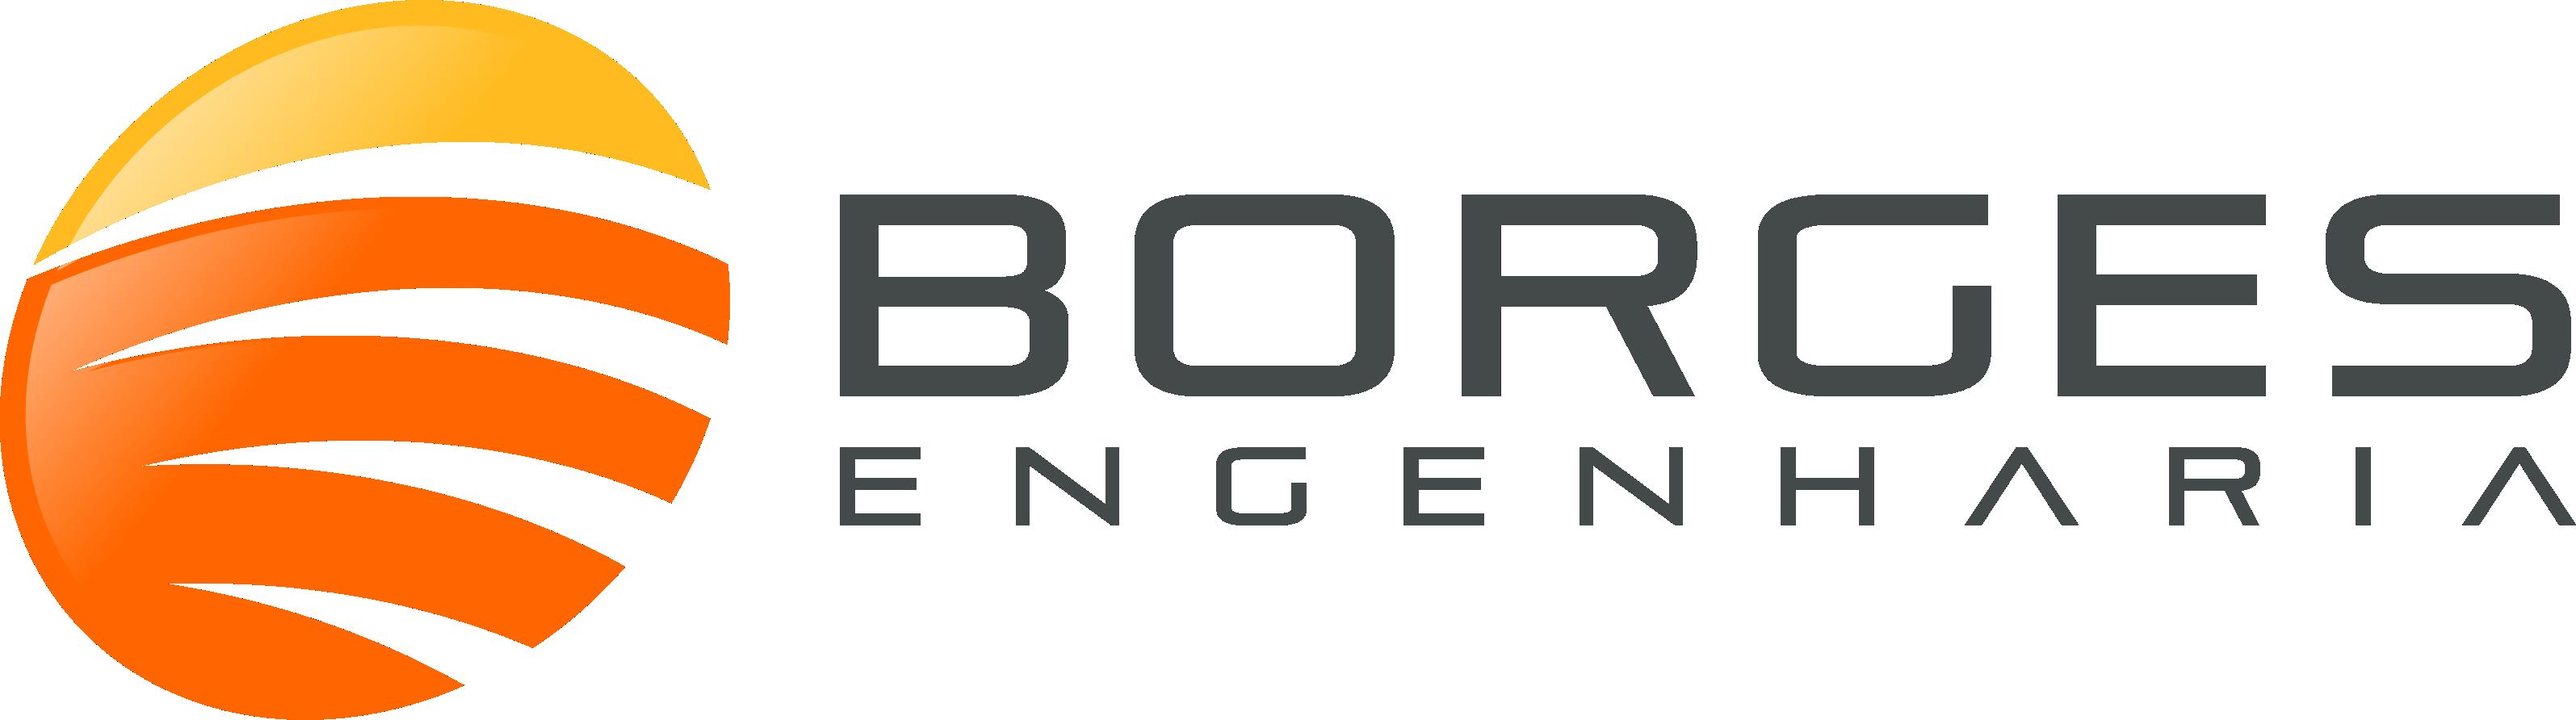 BORGES ENGENHARIA